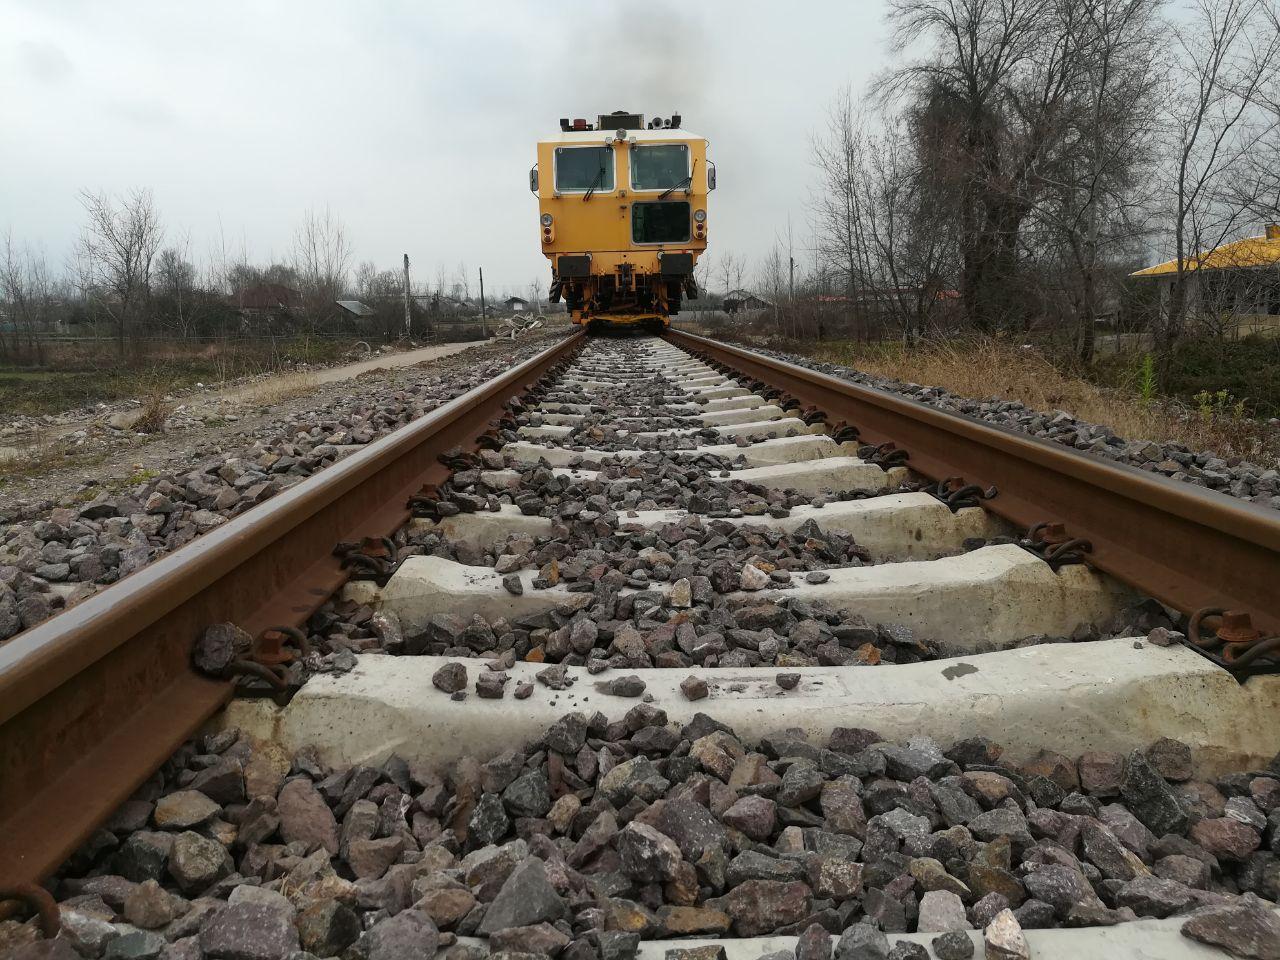 کاهش 30 درصدی هزینه حمل بار با تکمیل کریدور شمال- جنوب/ ضرورت اتصال بنادر انزلی و آستارا به راه آهن رشت